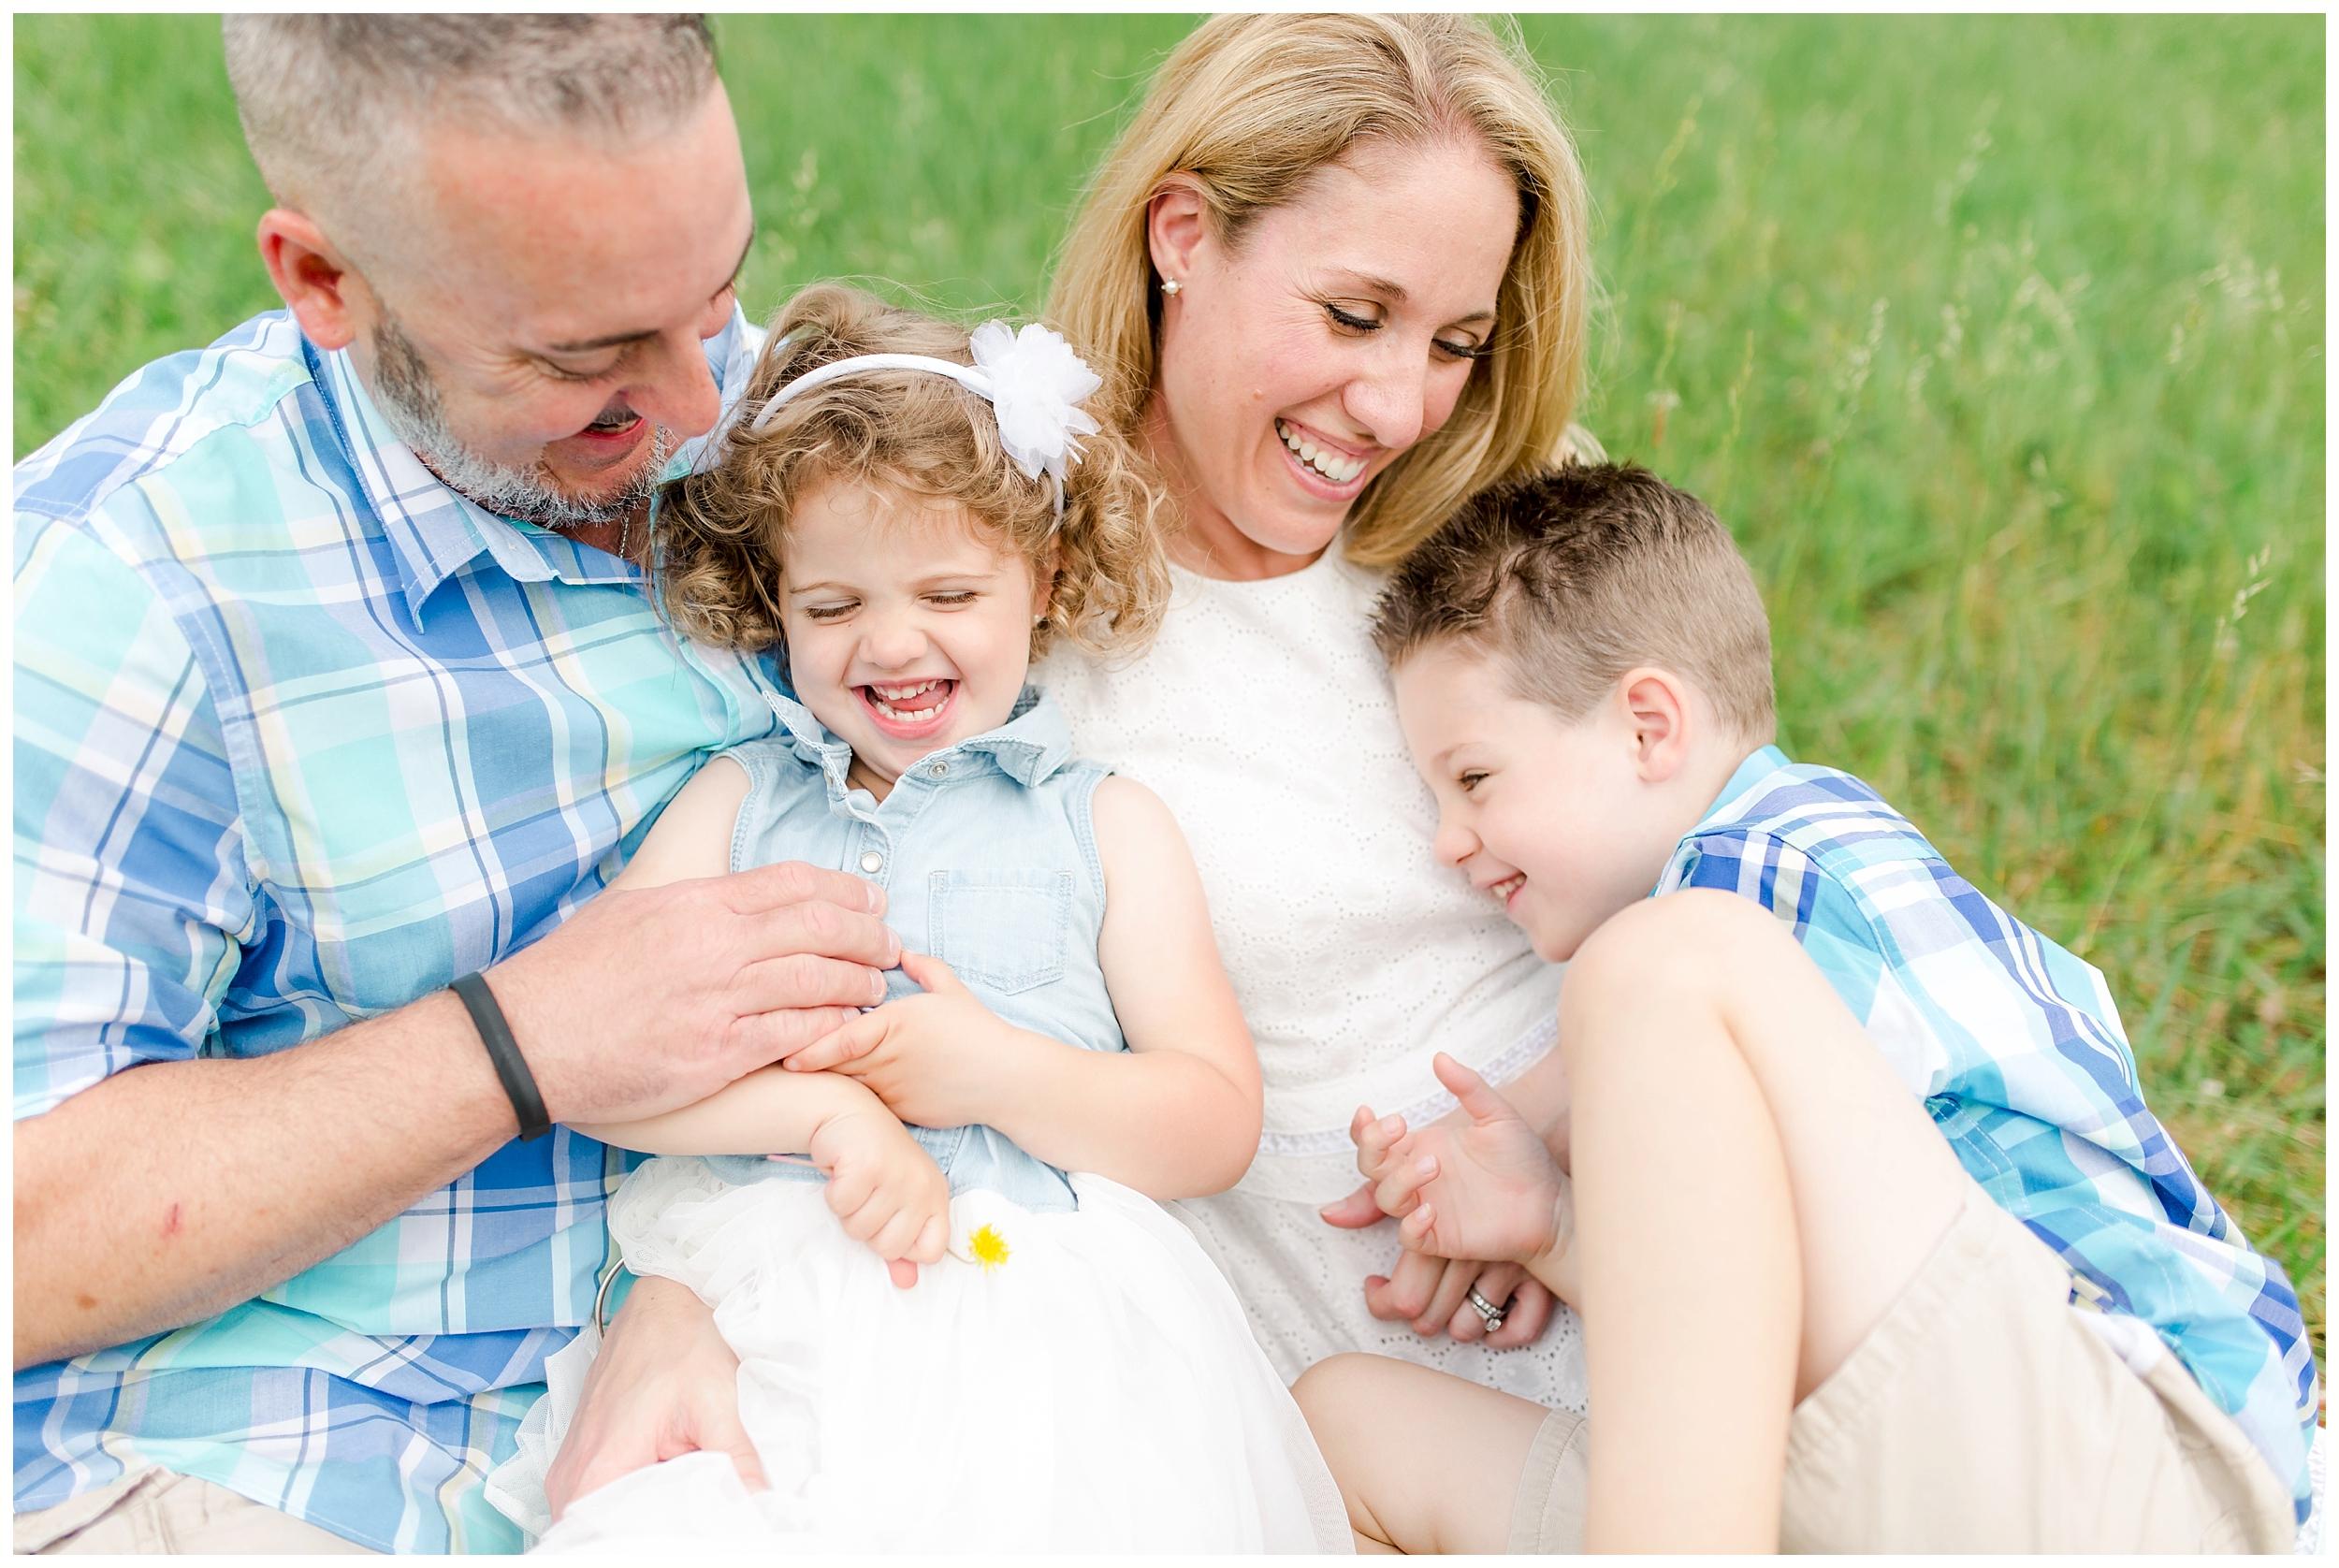 lexington-ky-family-lifestyle-photos-by-priscilla-baierlein_1172.jpg